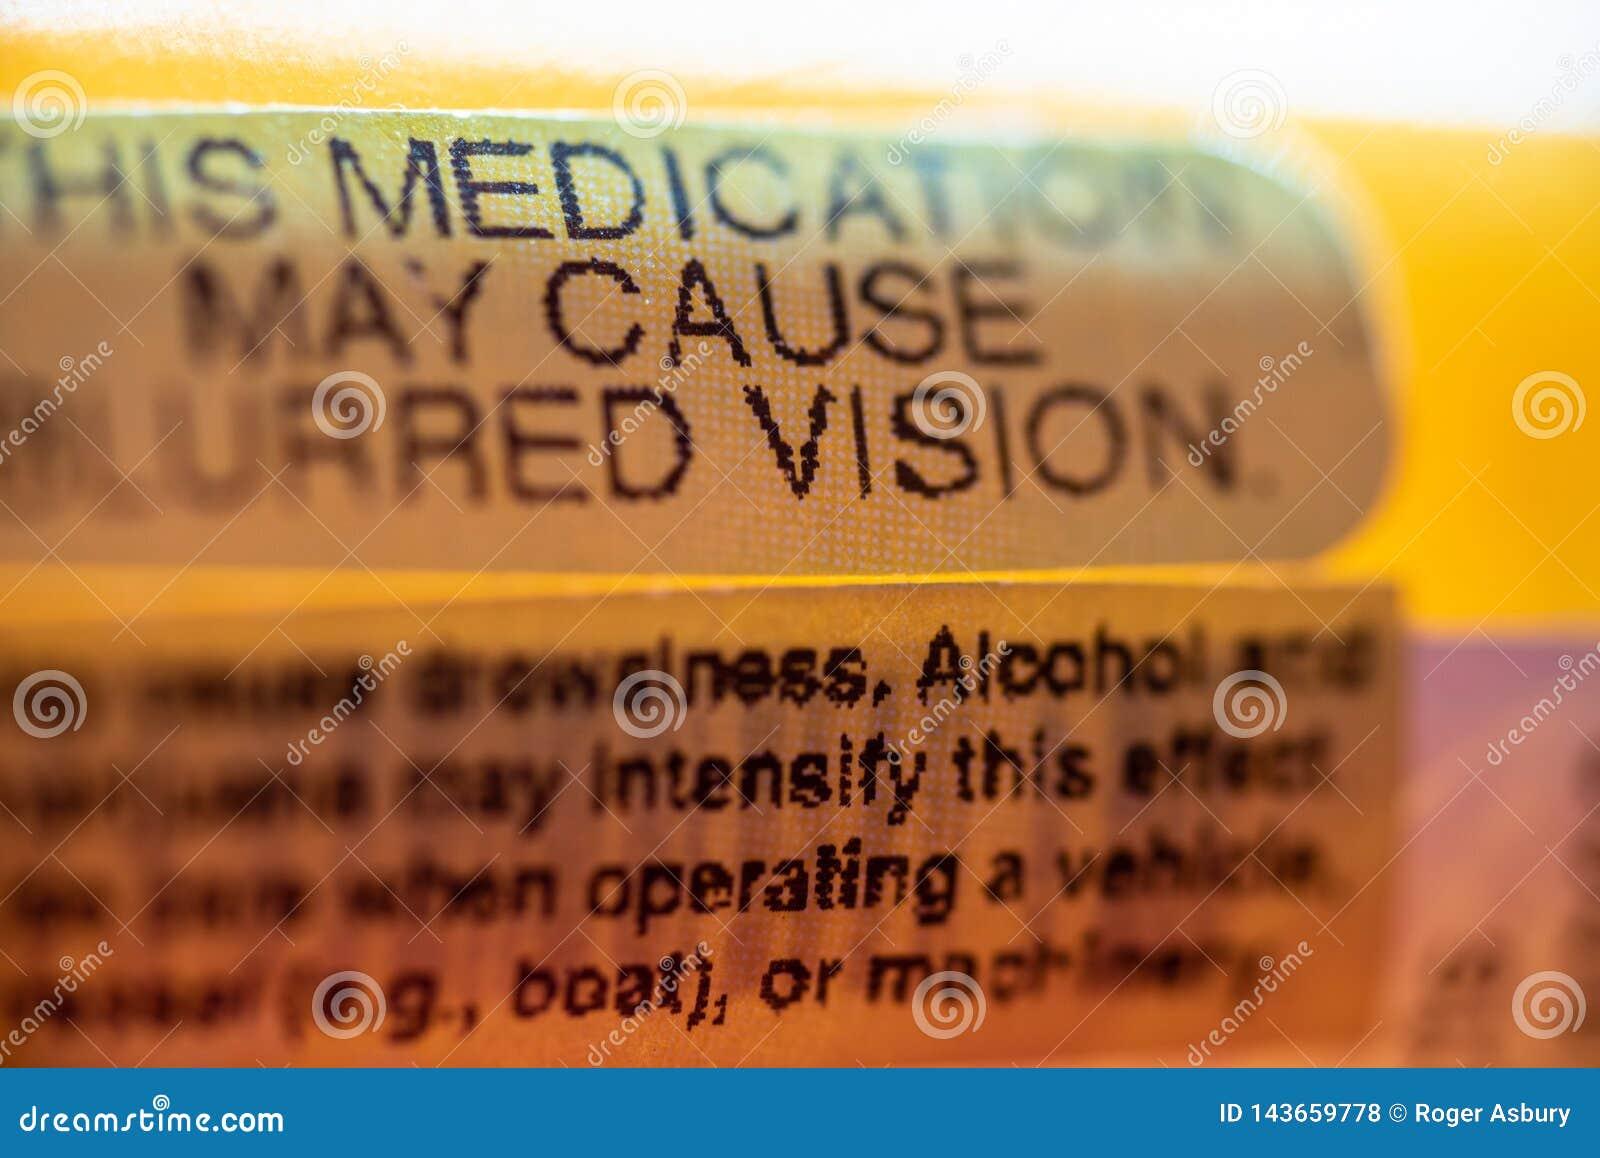 Pill bottle warnings